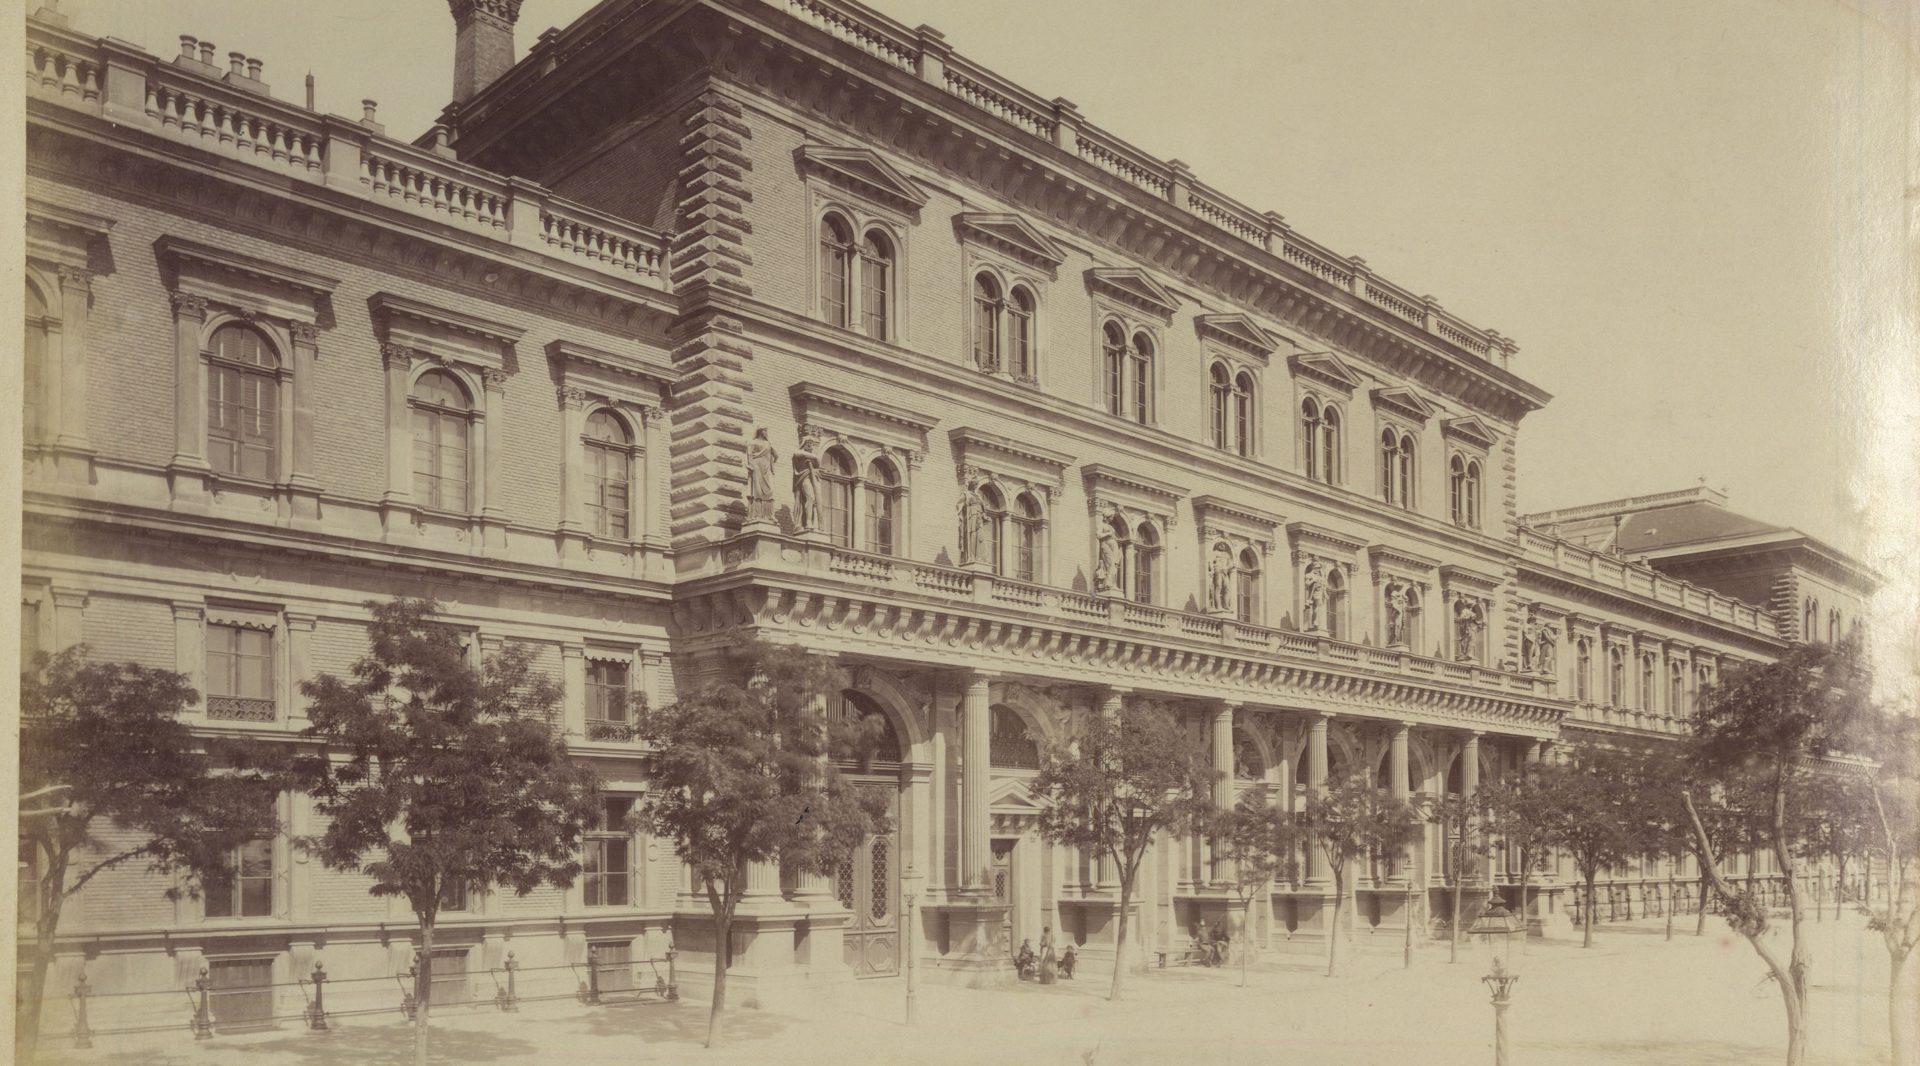 régi egyetem